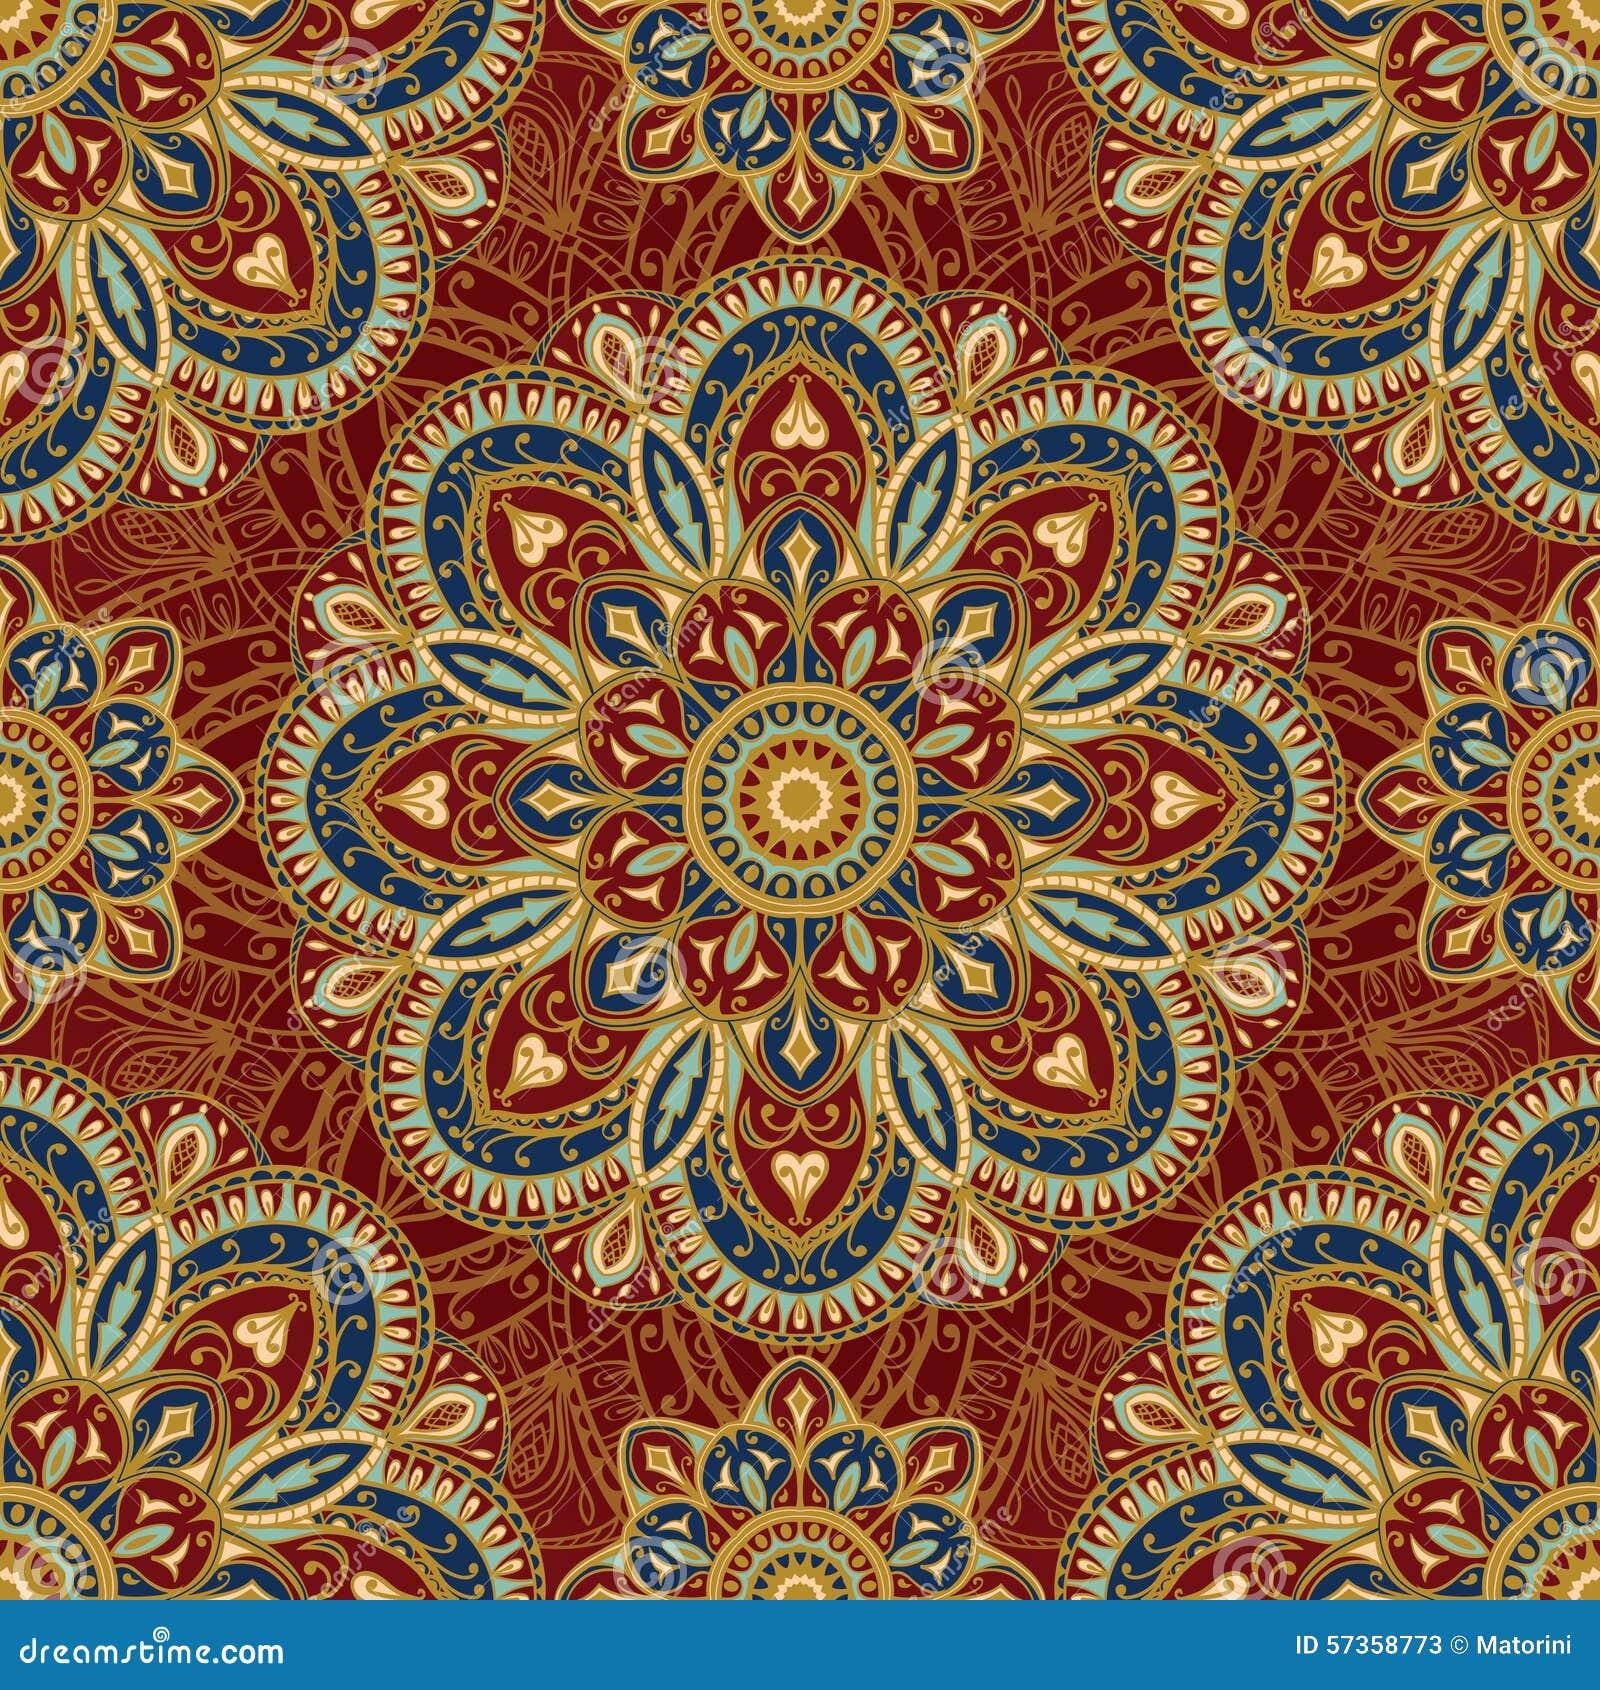 stilisiertes orientalisches mittelalterliches muster vektor abbildung illustration 57358773. Black Bedroom Furniture Sets. Home Design Ideas